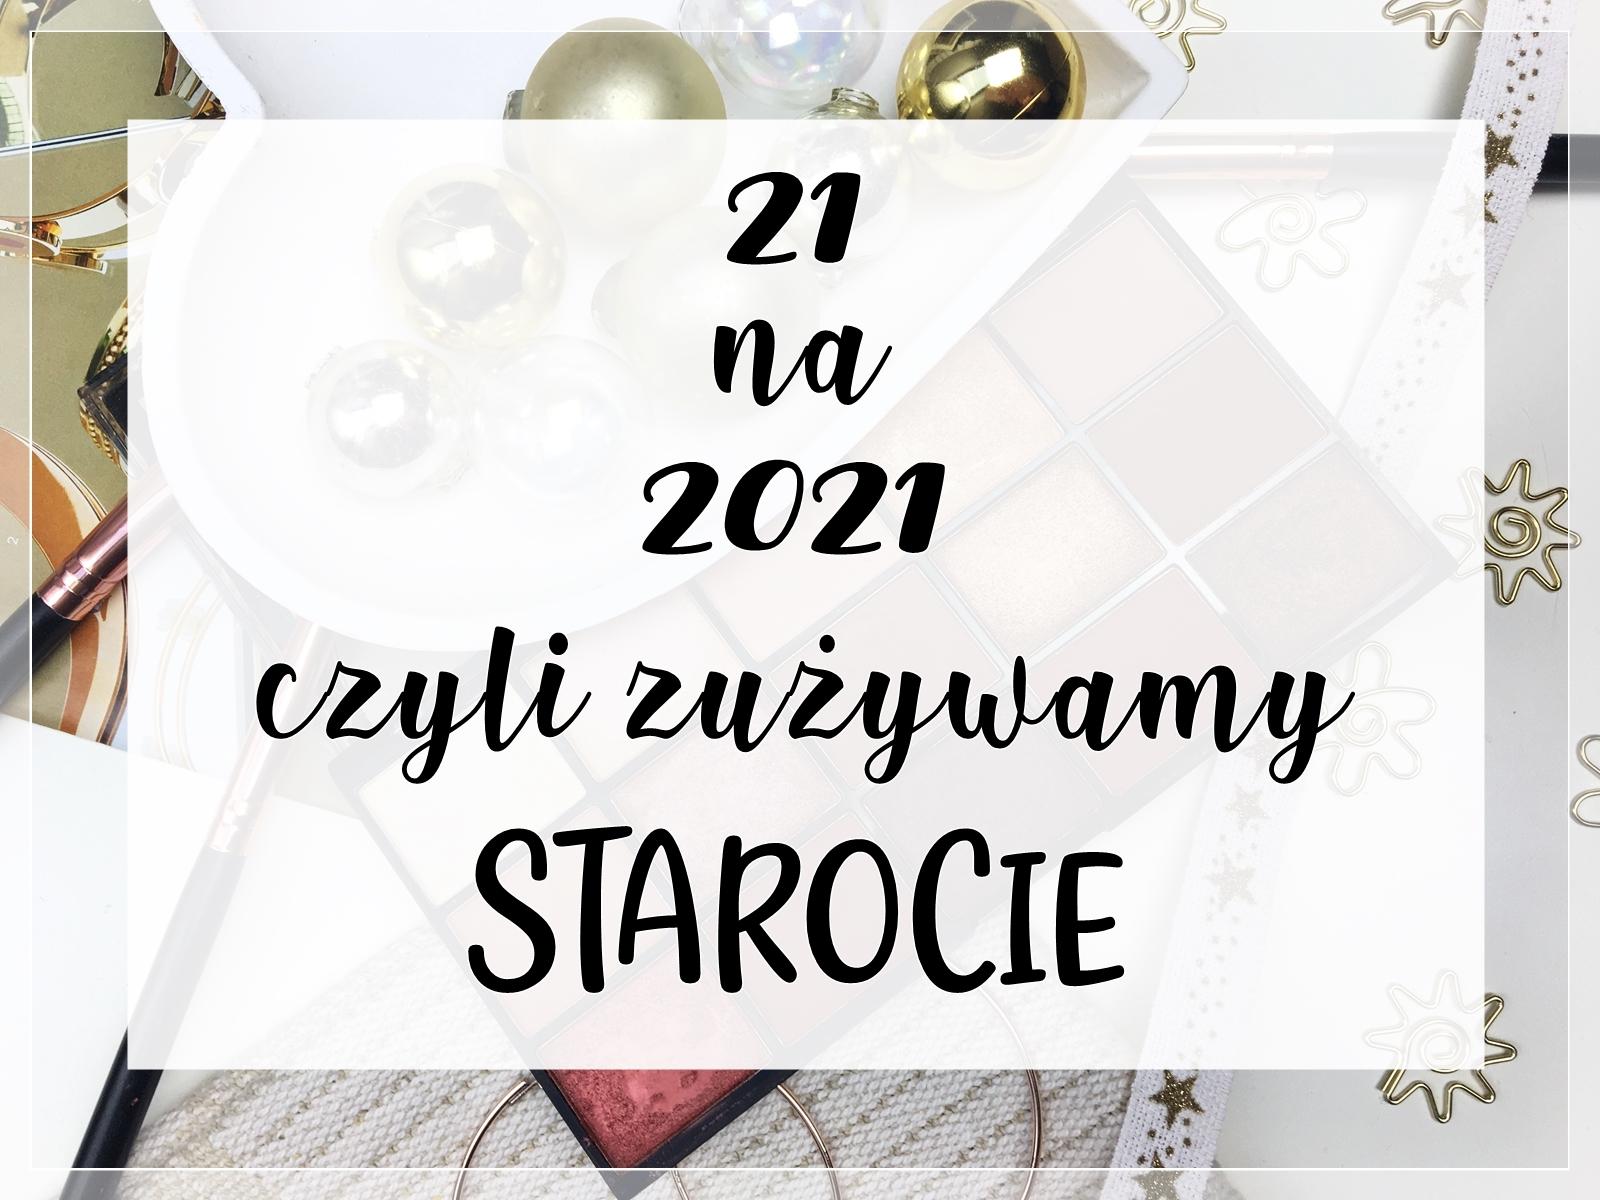 21 na 2021, czyli zużywamy starocie!